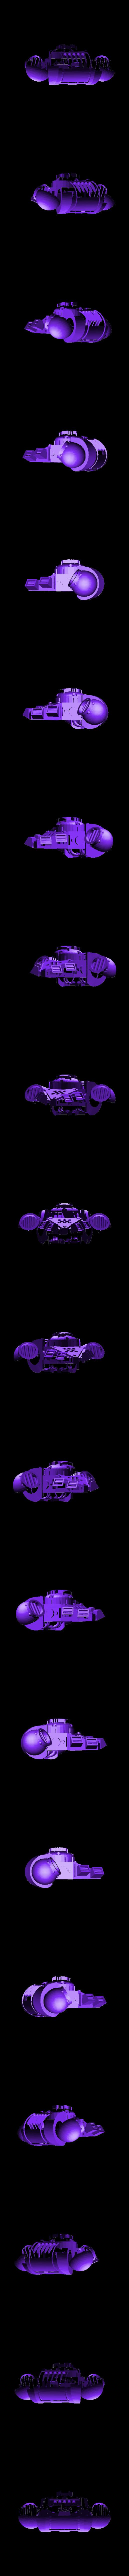 Back pack.stl Télécharger fichier STL gratuit L'équipe des Chevaliers gris Primaris • Modèle pour imprimante 3D, joeldawson93